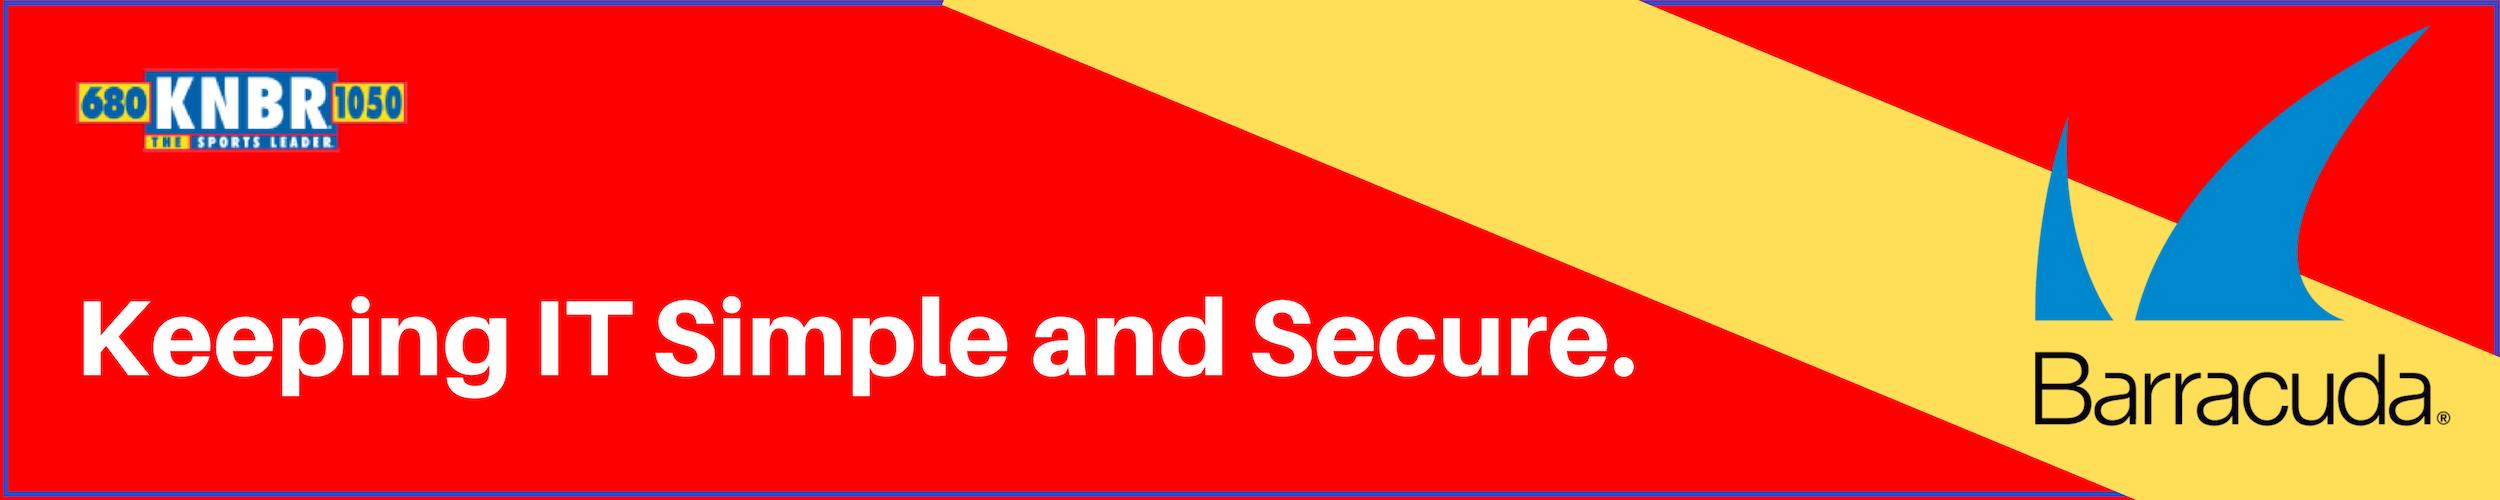 Lanign Page - KNBR Banner - KIS & Barracuda 4-2019 -v2-1